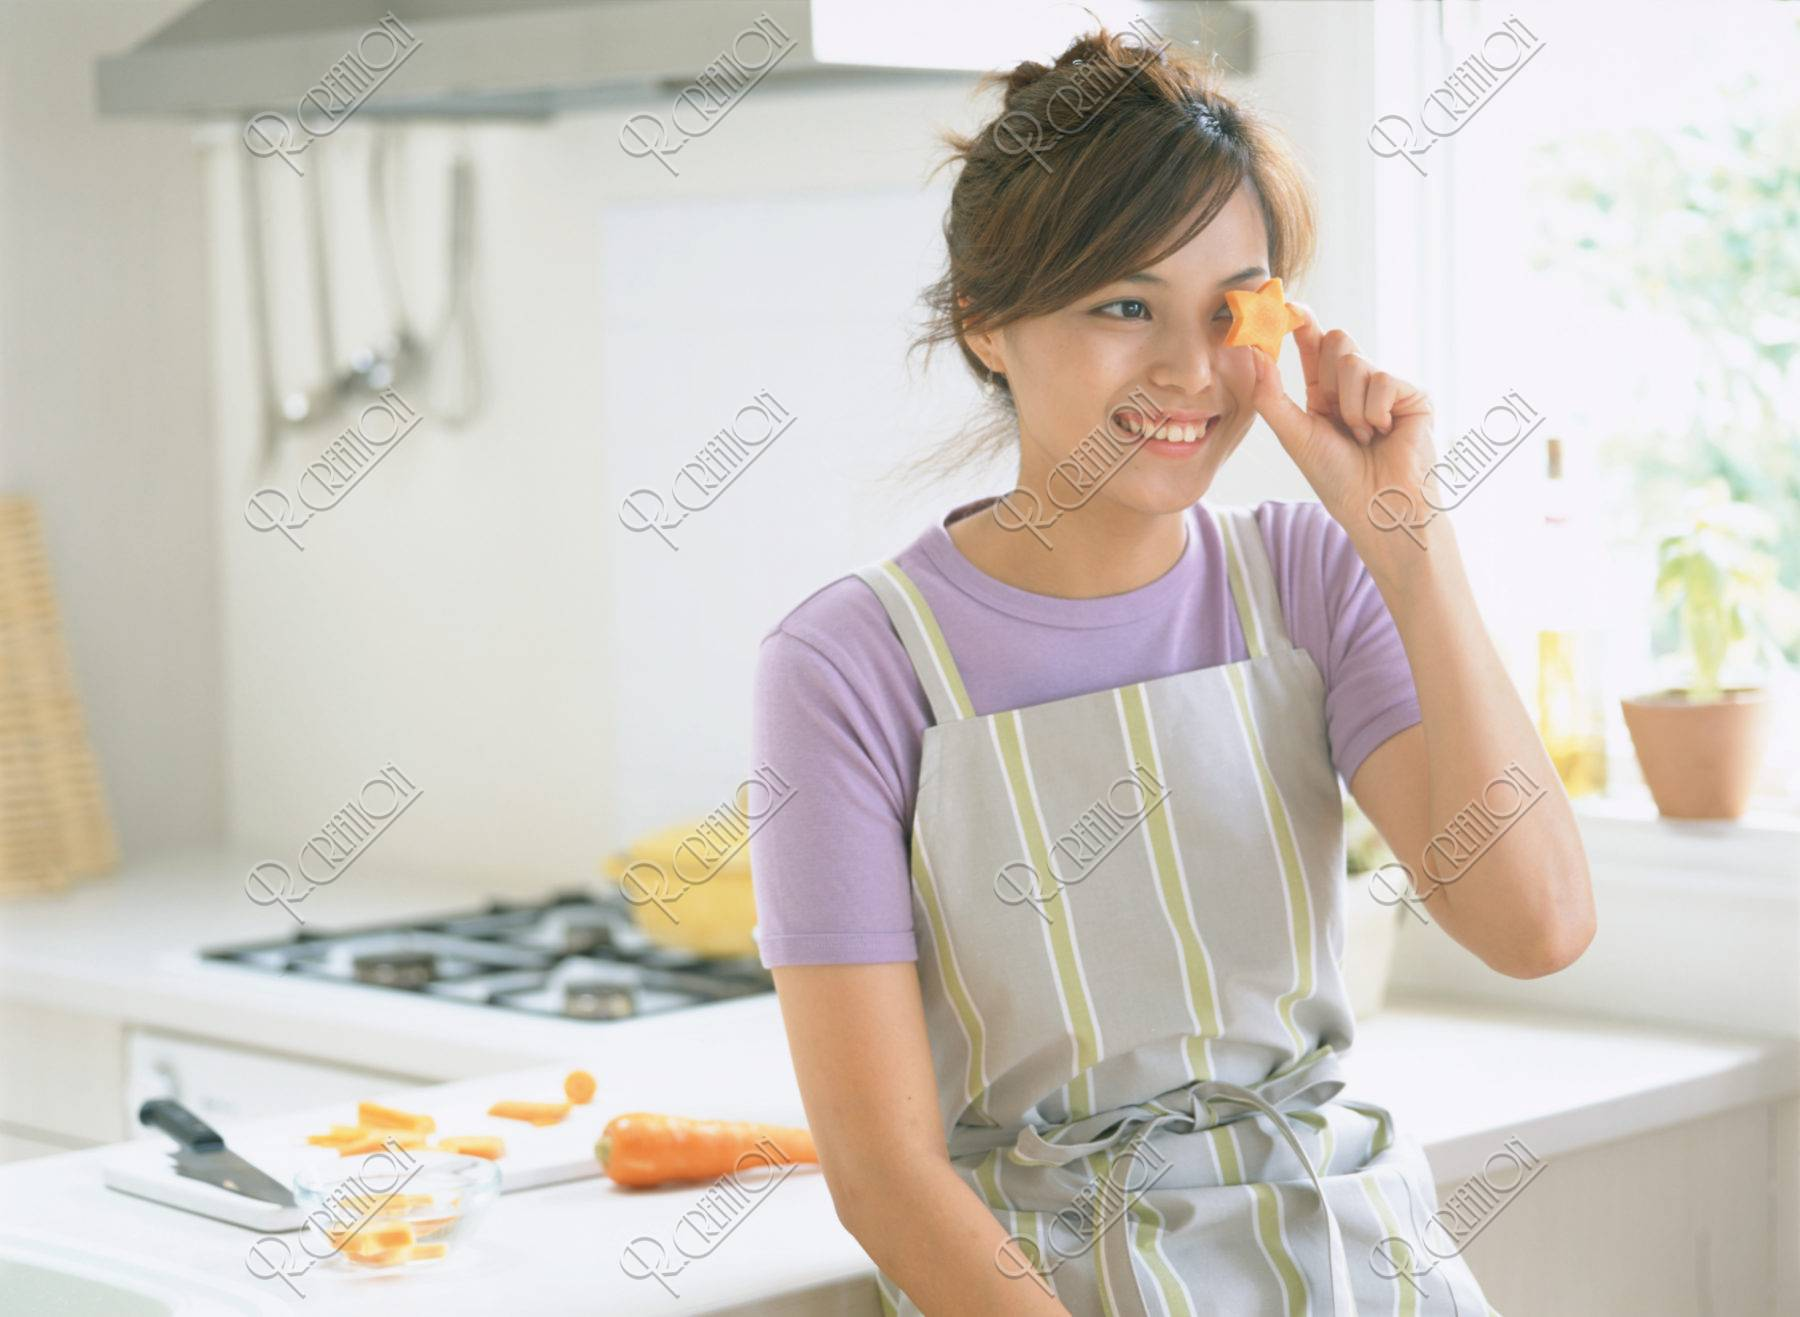 キッチンの前の女性